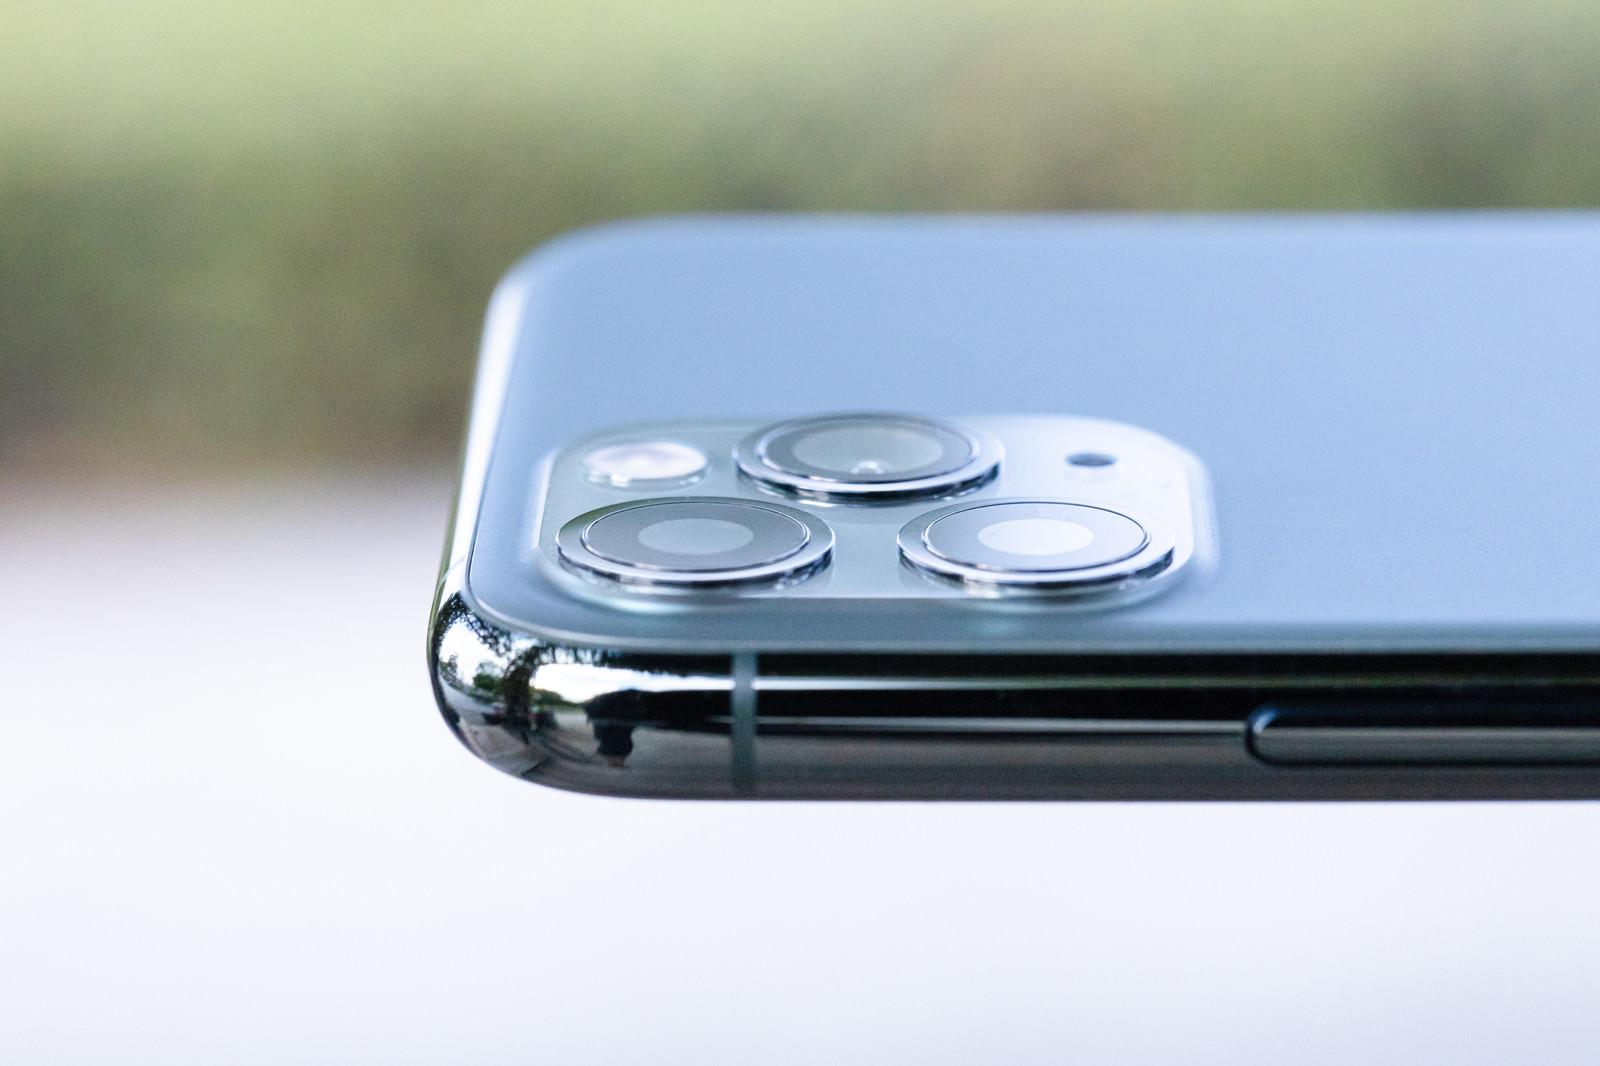 「iPhone 11 Pro の極薄カメラ部分」の写真